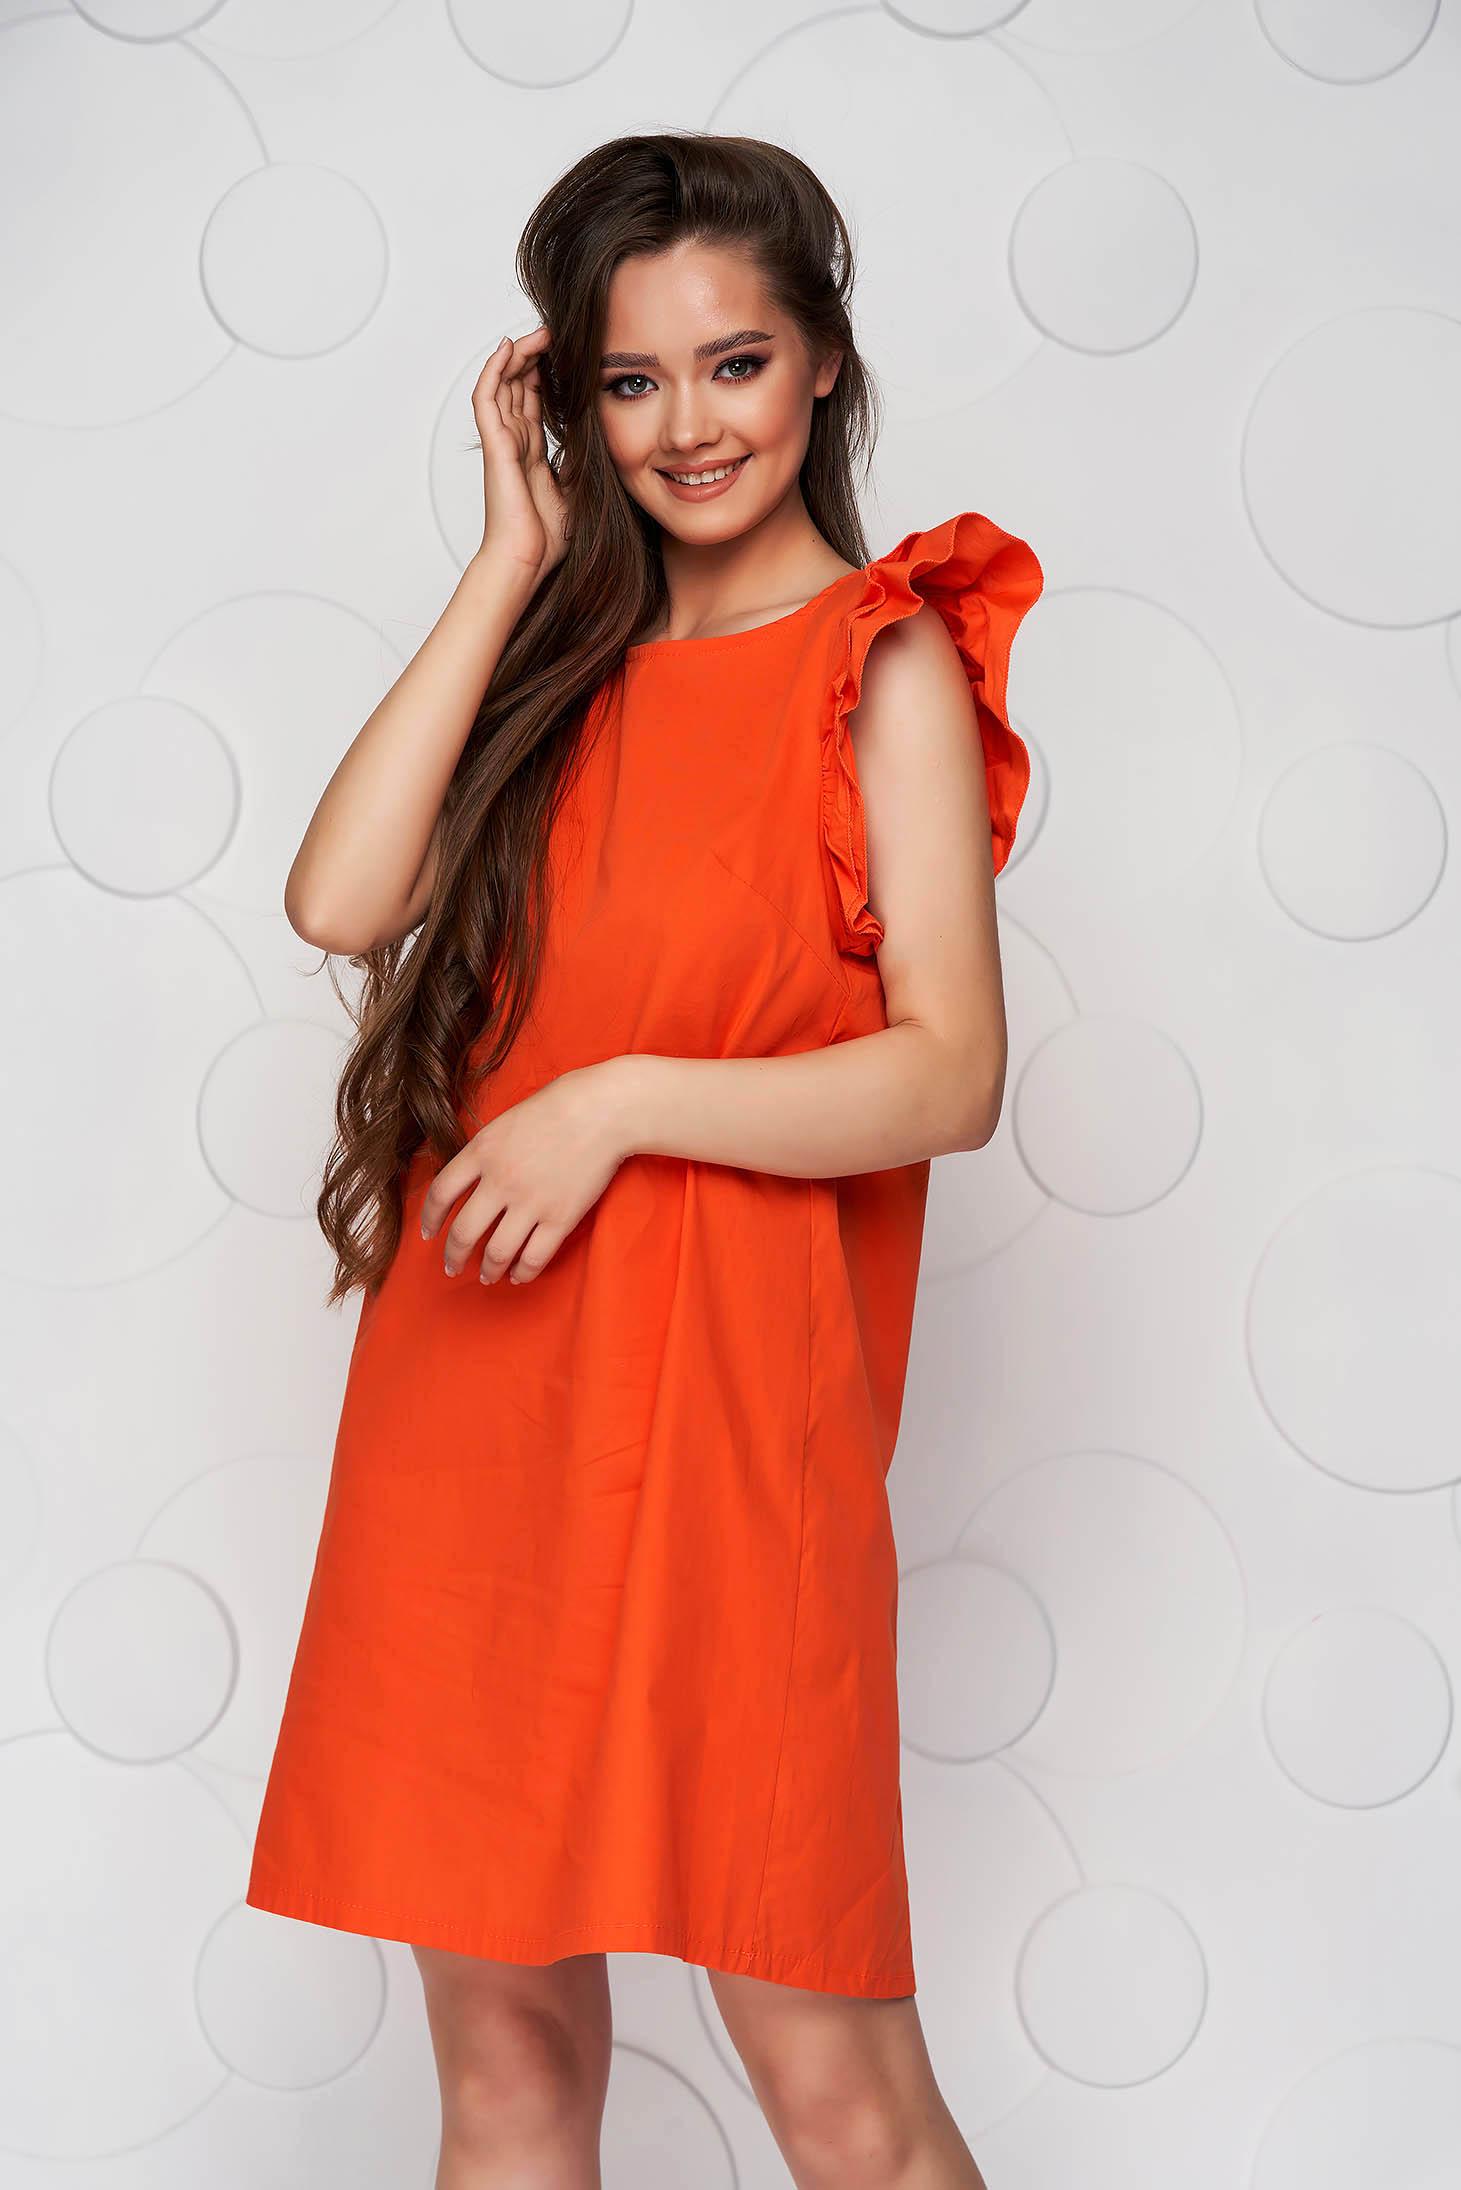 Rochie portocalie din poplin cu croi in a cu volanase si fundita in partea din spate